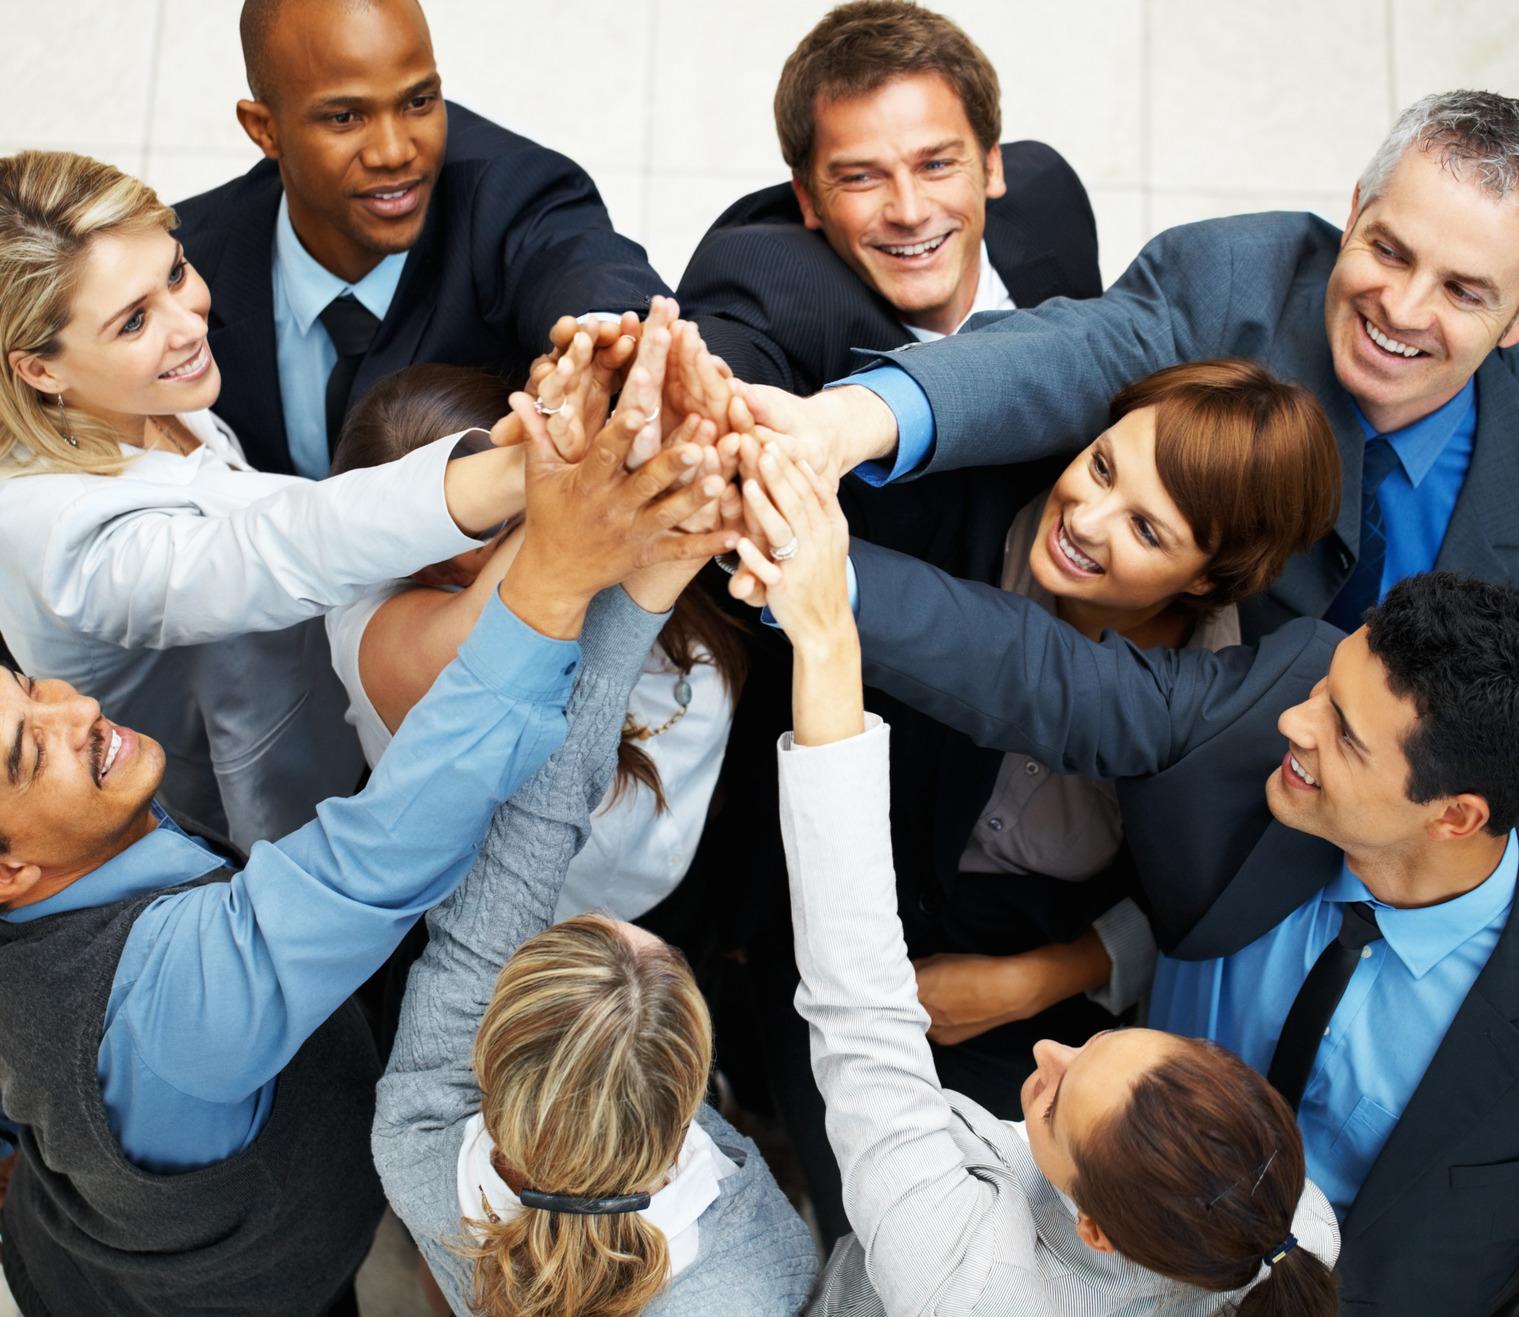 проводят фото на тему лидерство и опыт время